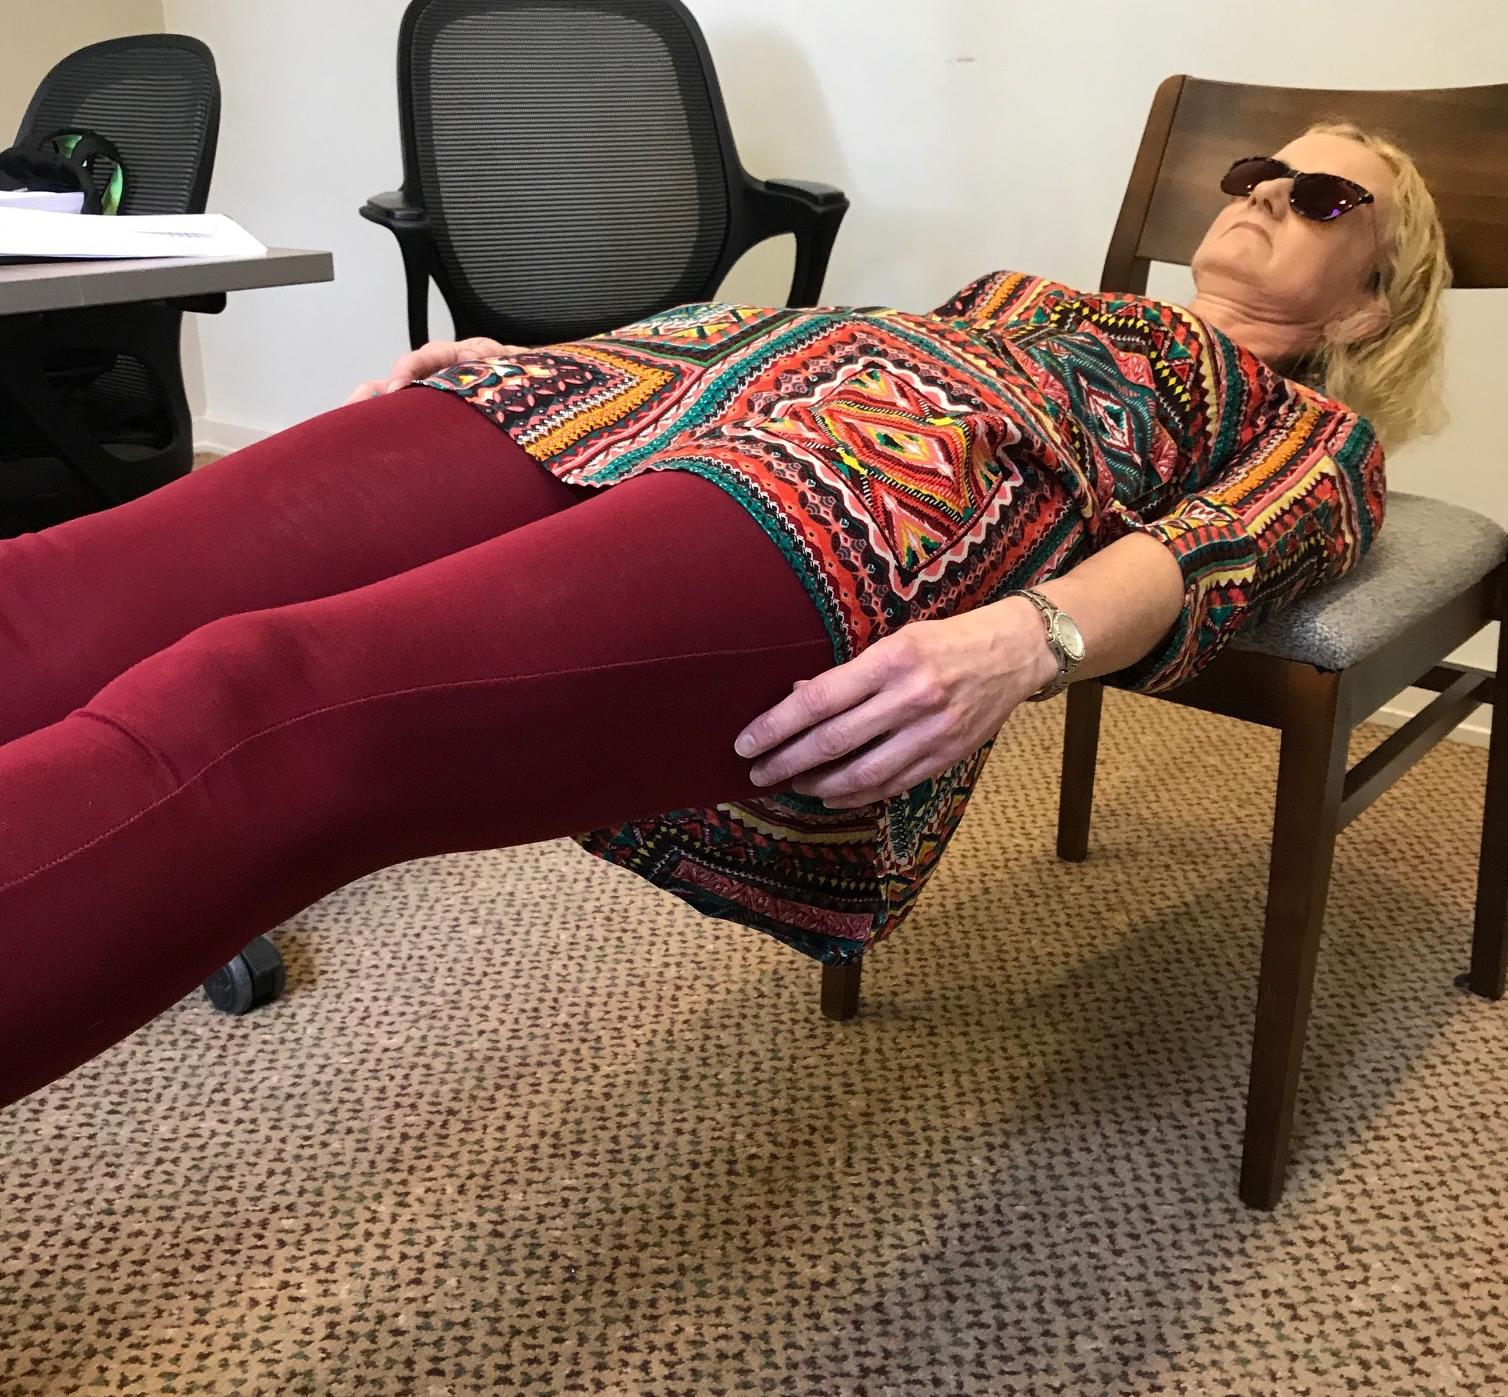 Hypnosis Full Body Catalepsy